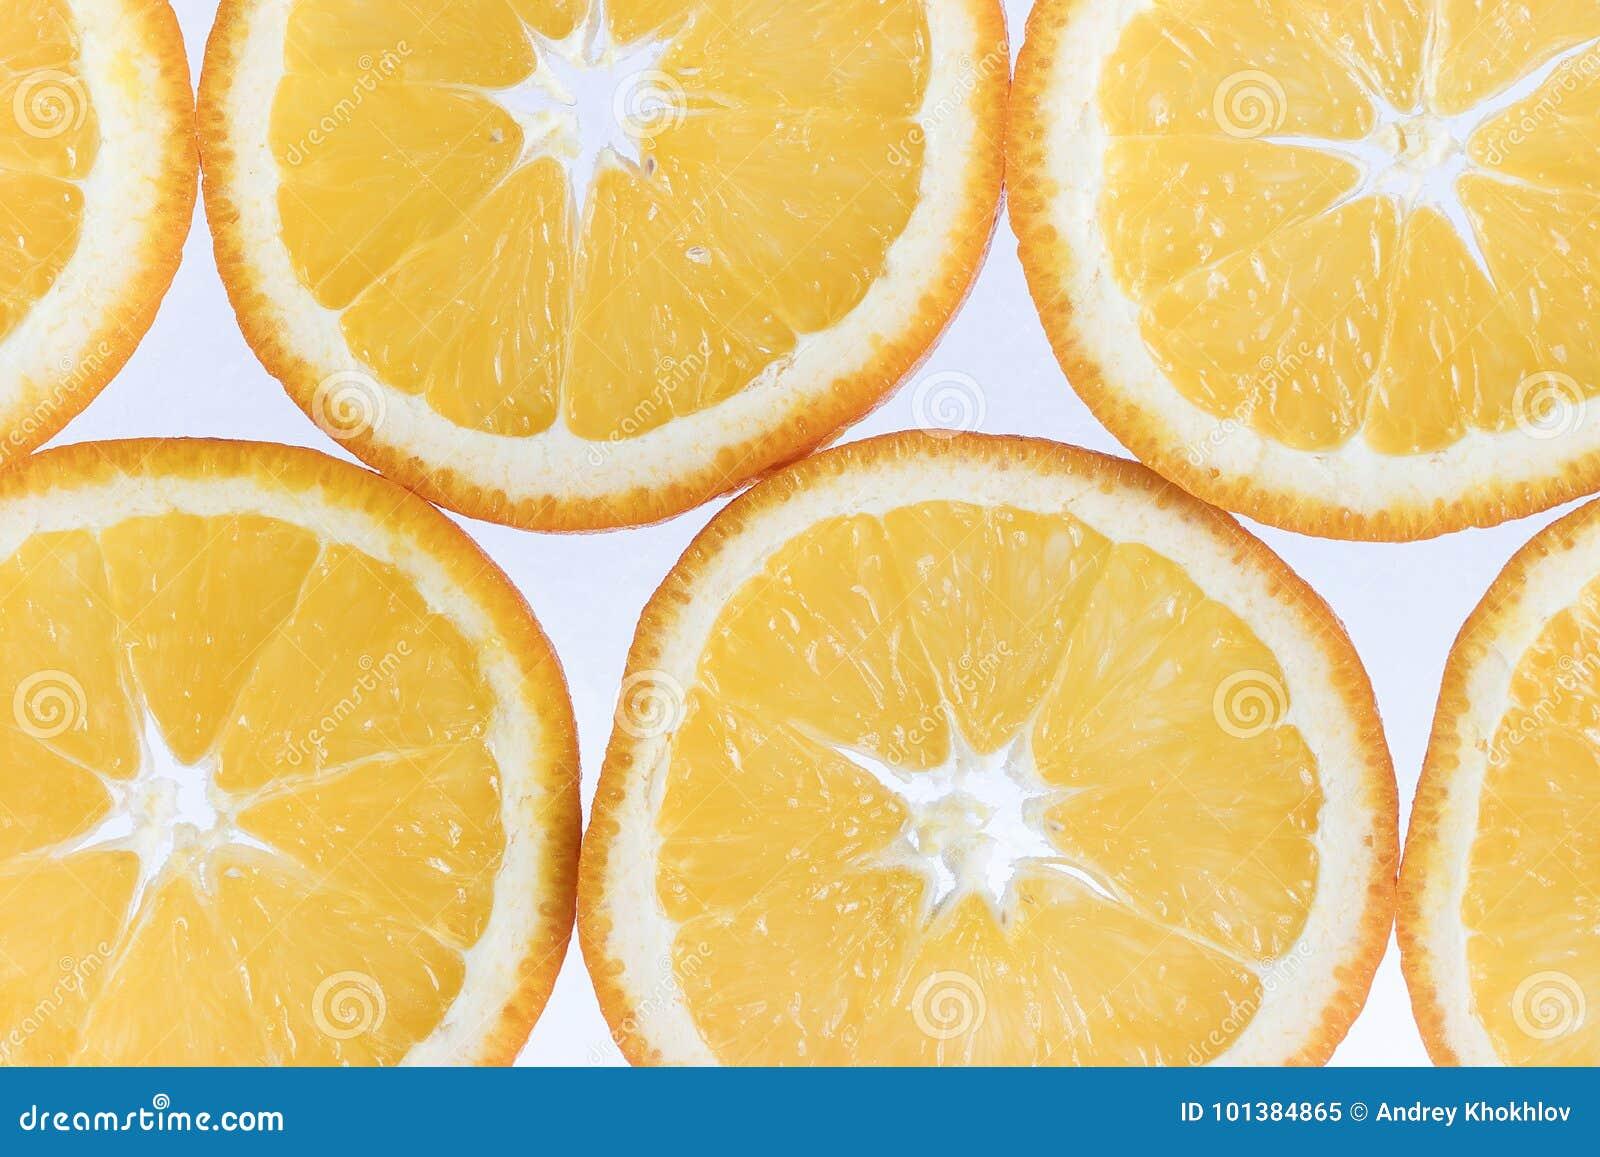 Fond abstrait avec des agrumes des parts oranges Plan rapproché Brosse à dents